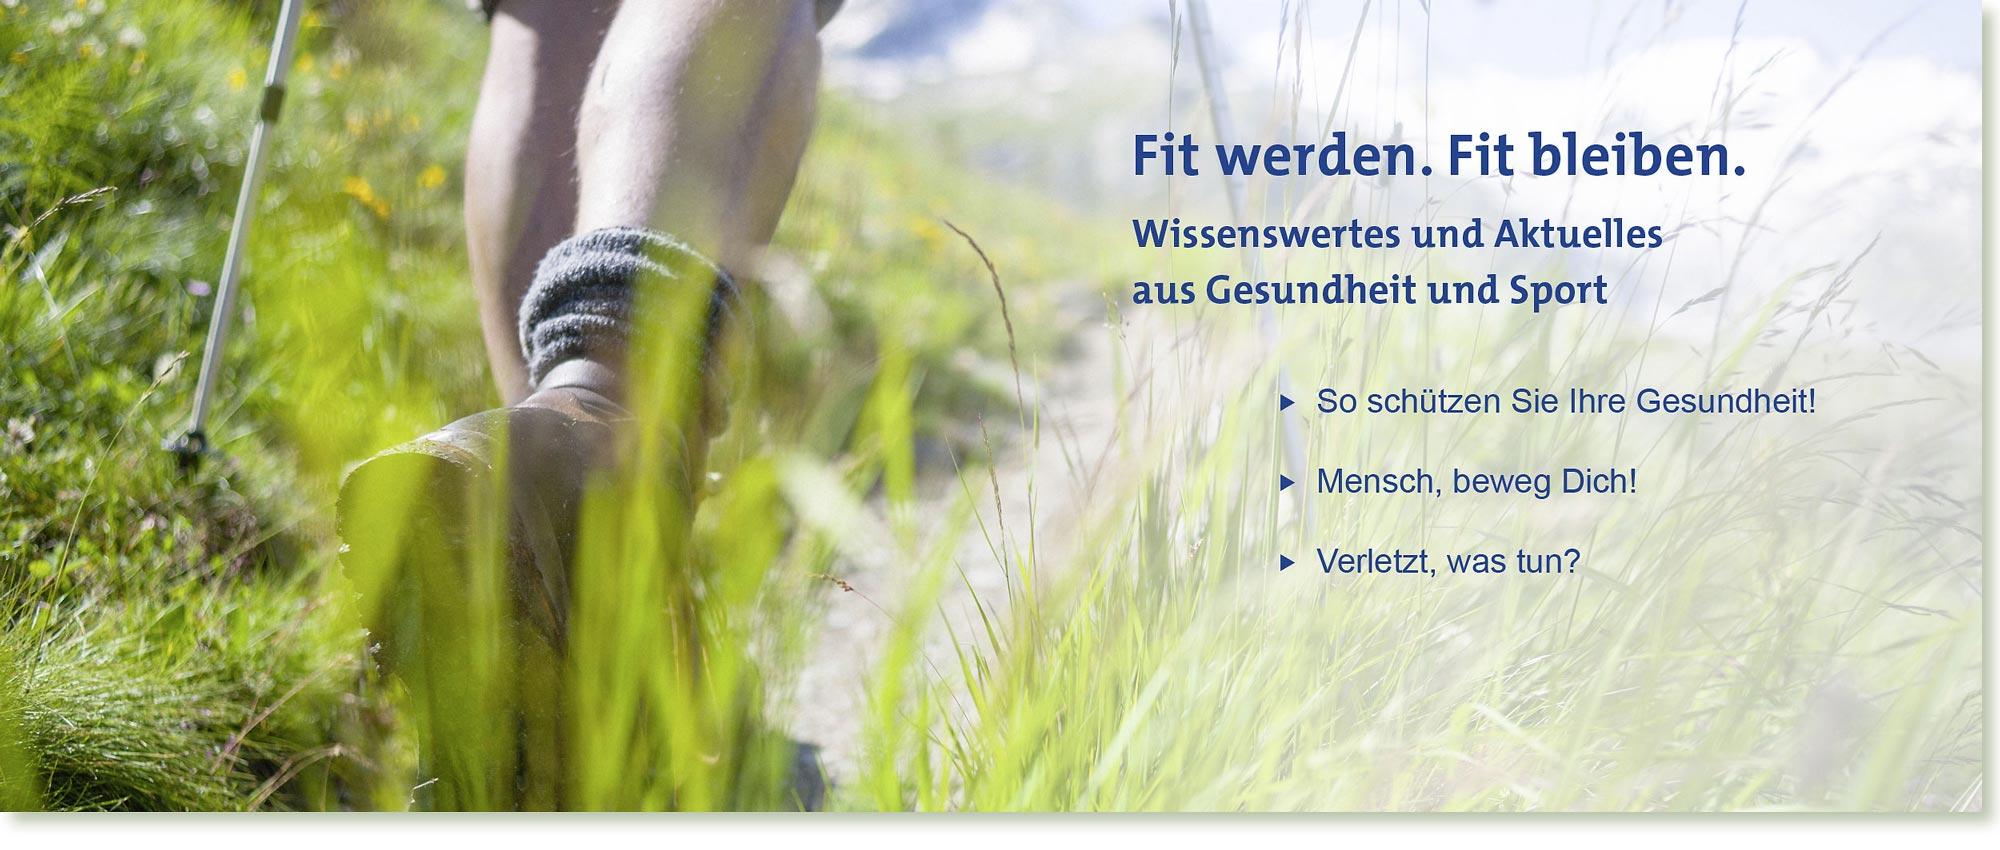 Head Image Wissenswertes - Fruehling